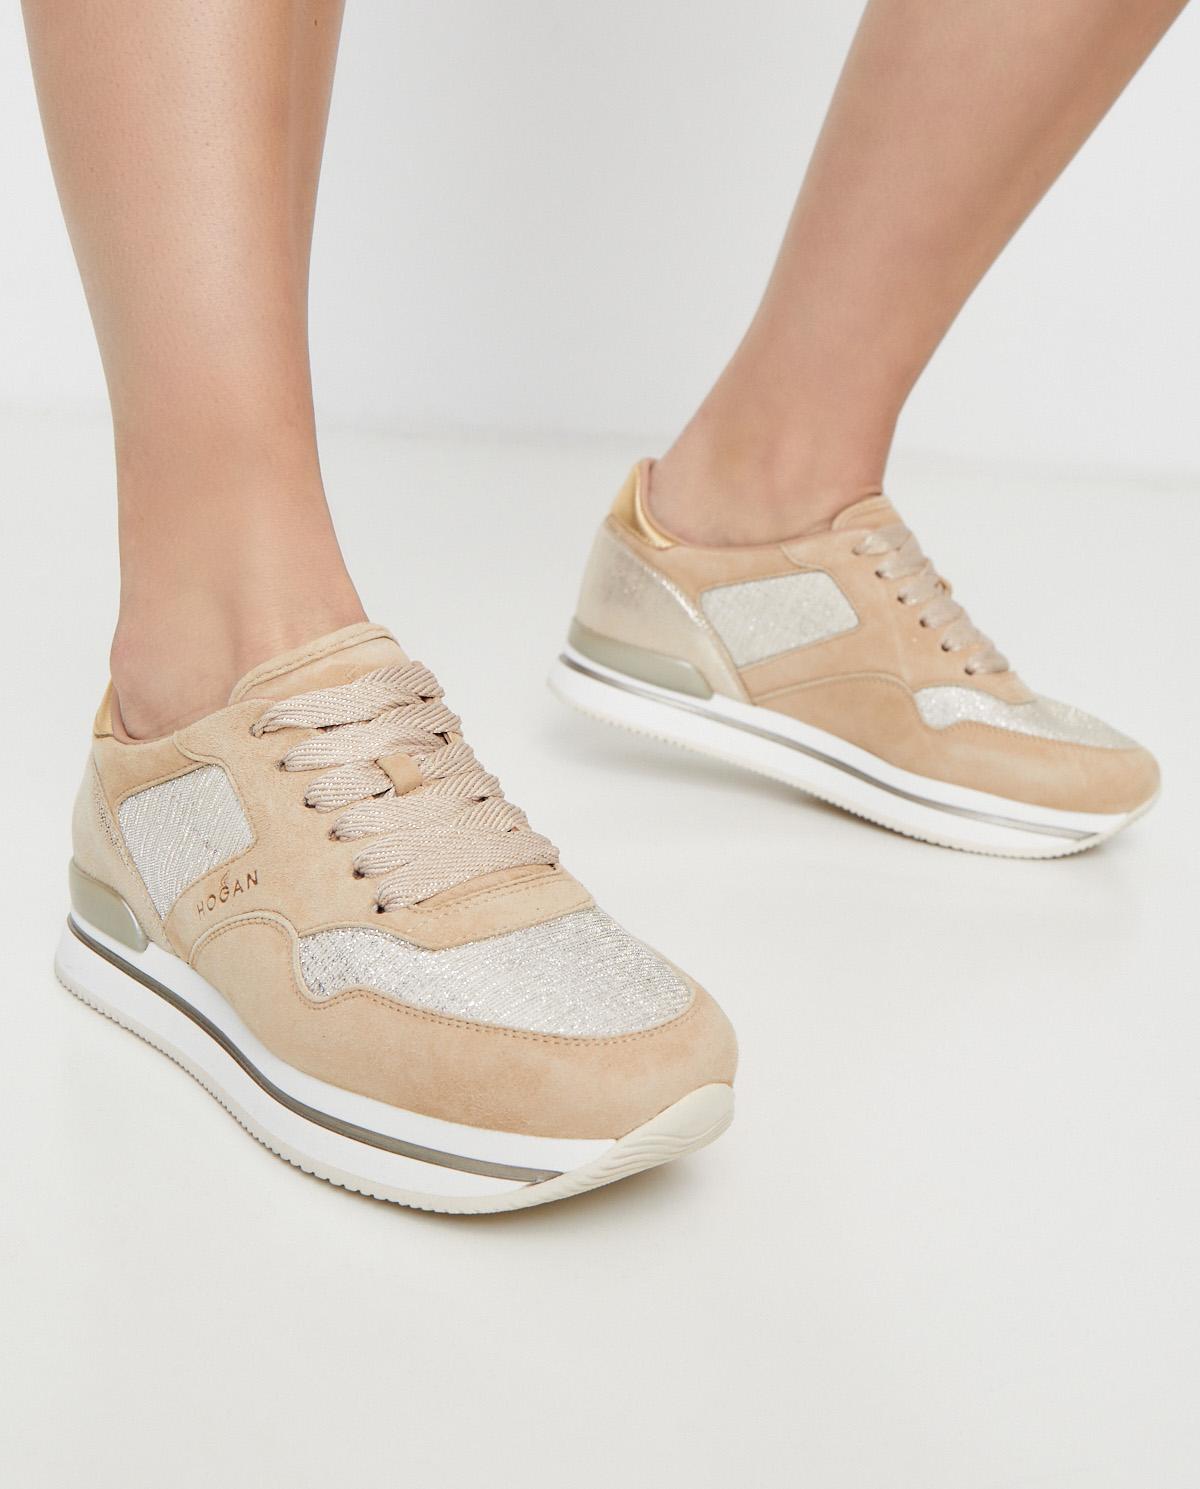 Beżowe sneakersy H222 Hogan HXW2220N62DMZUST03